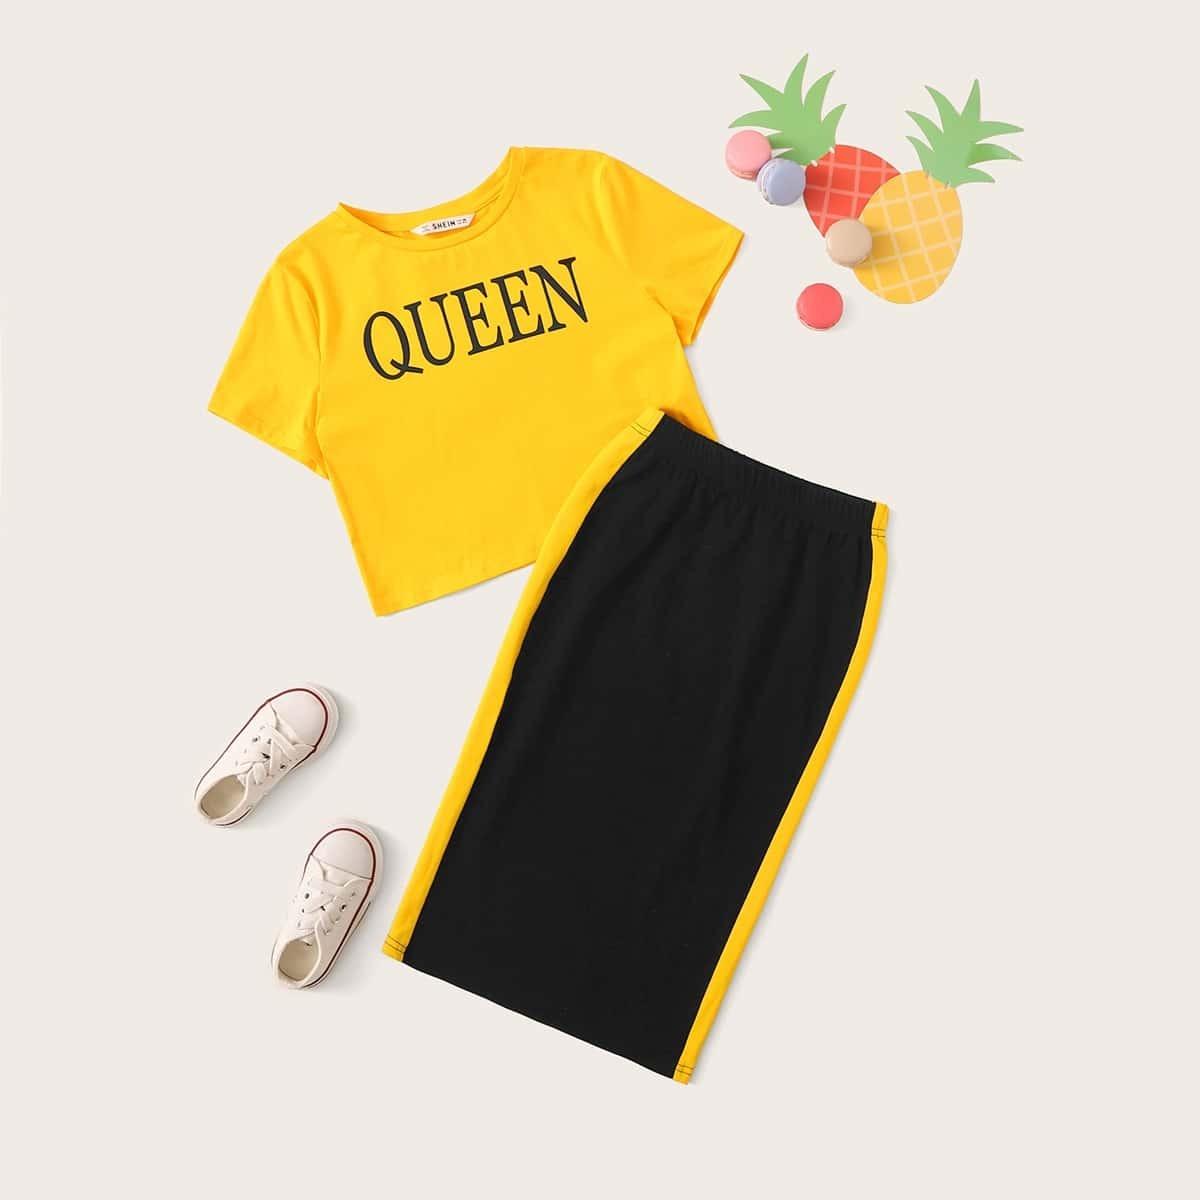 Топ с текстовым принтом и полосатая юбка для девочек от SHEIN